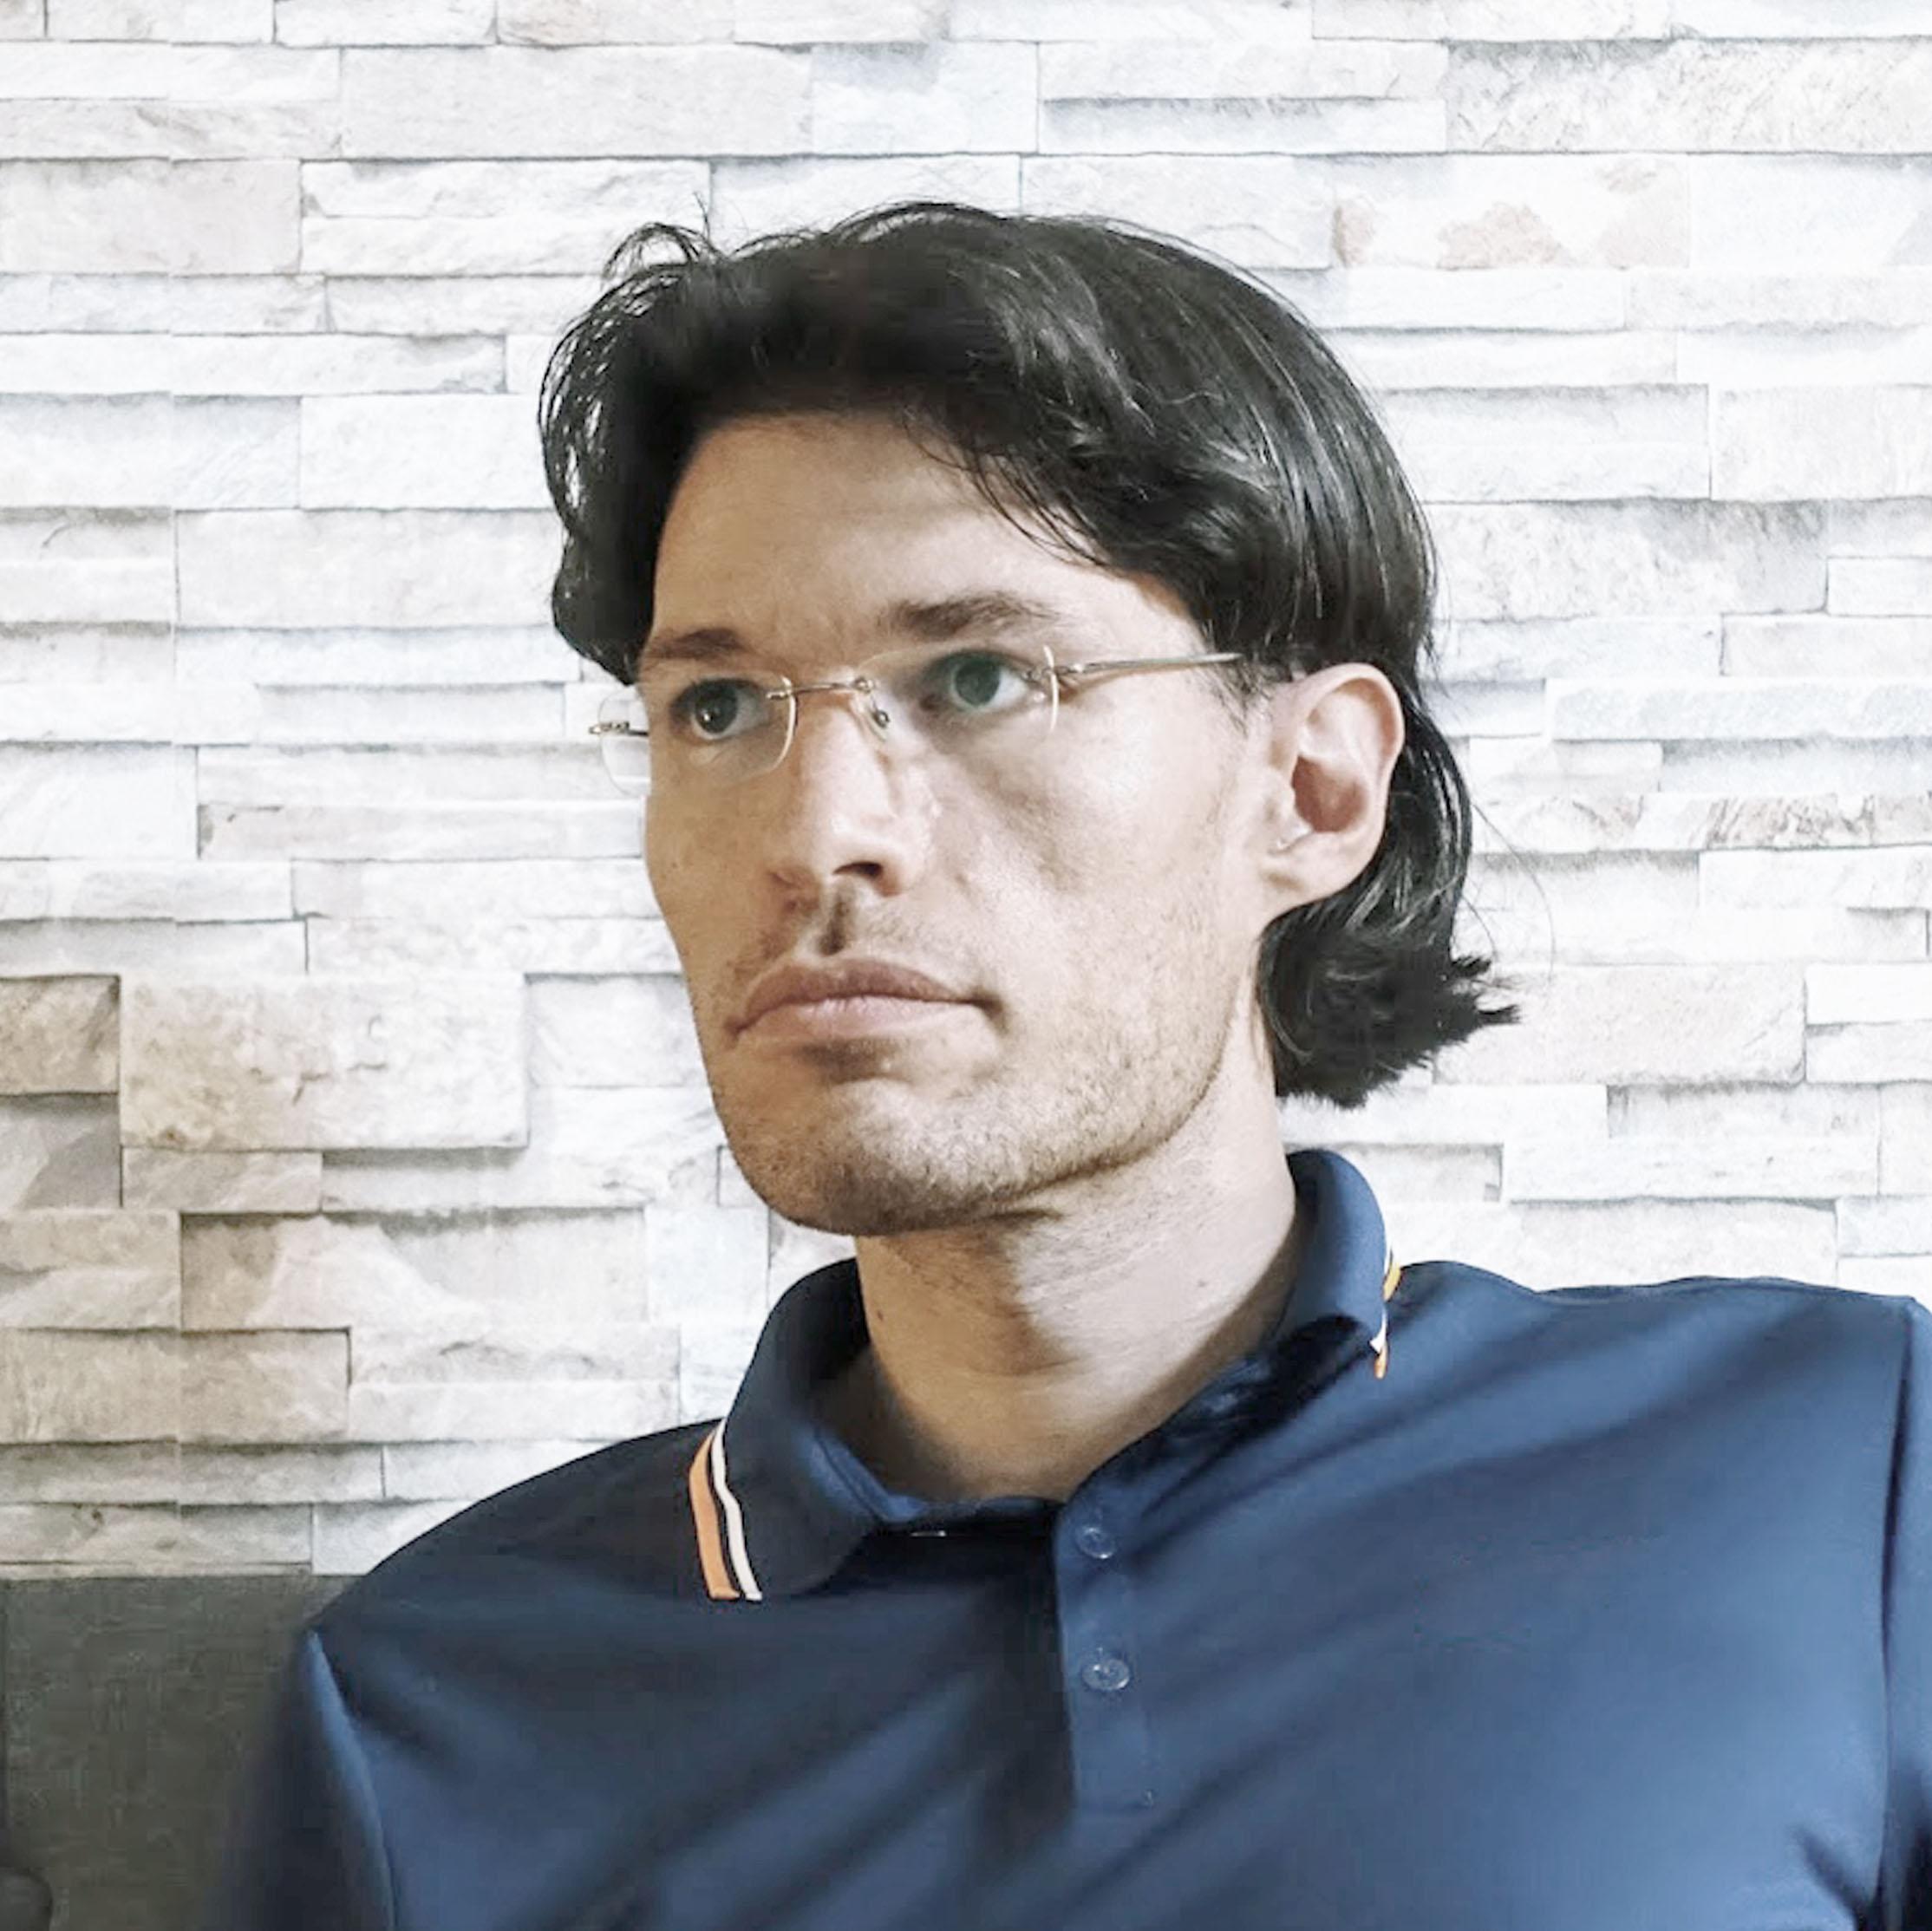 Tobias A. Fringel